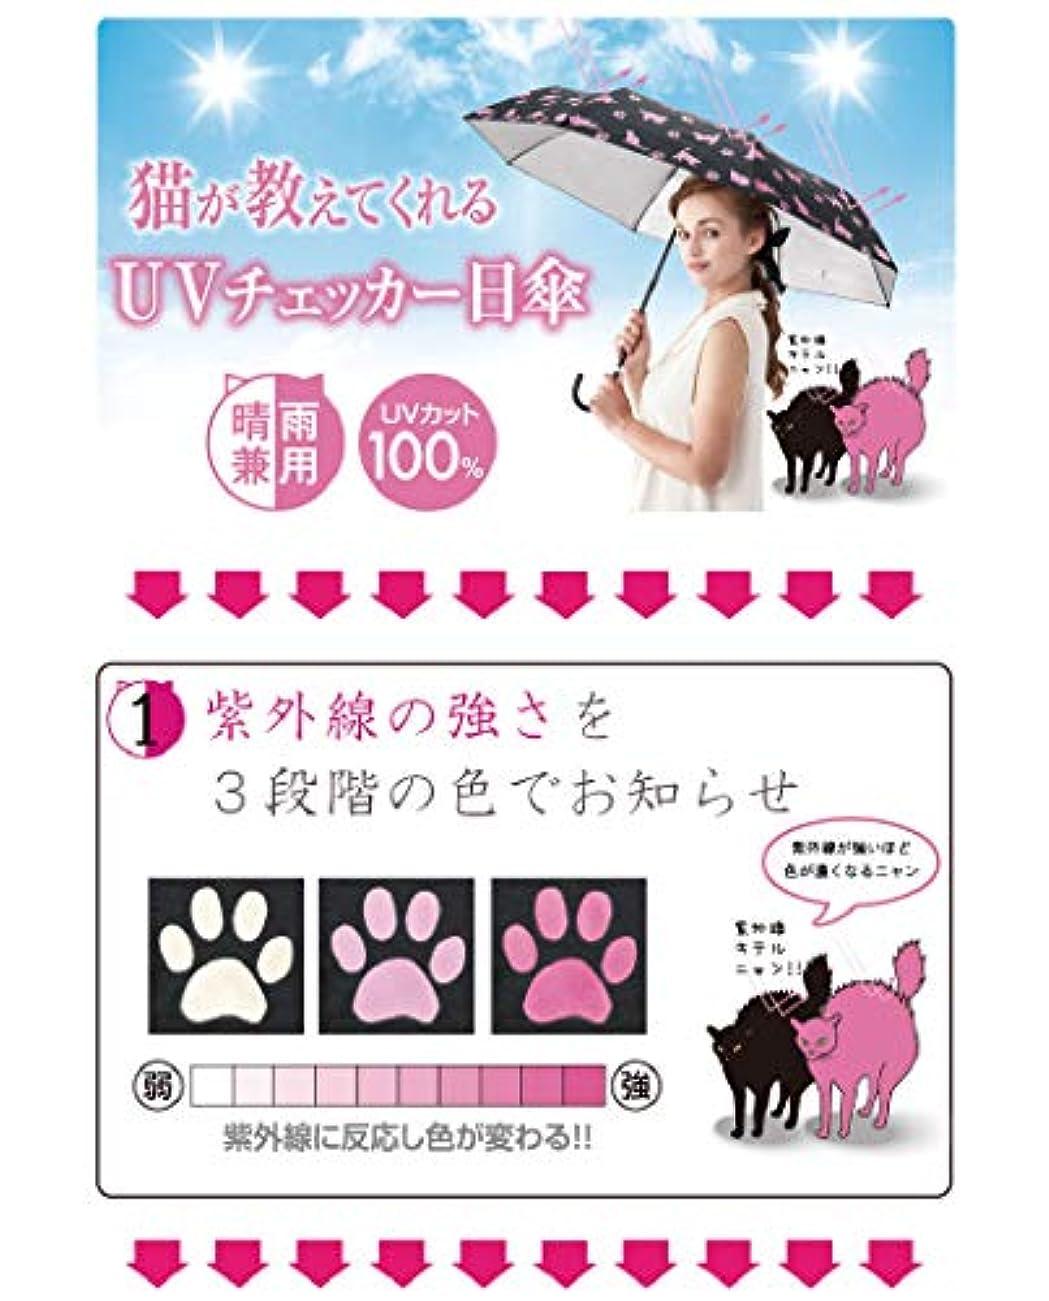 不規則性予知彼女のネコとお散歩 ネコのUVお散歩日傘【晴雨兼用/紫外線カット/幅広サイズ/可愛い】